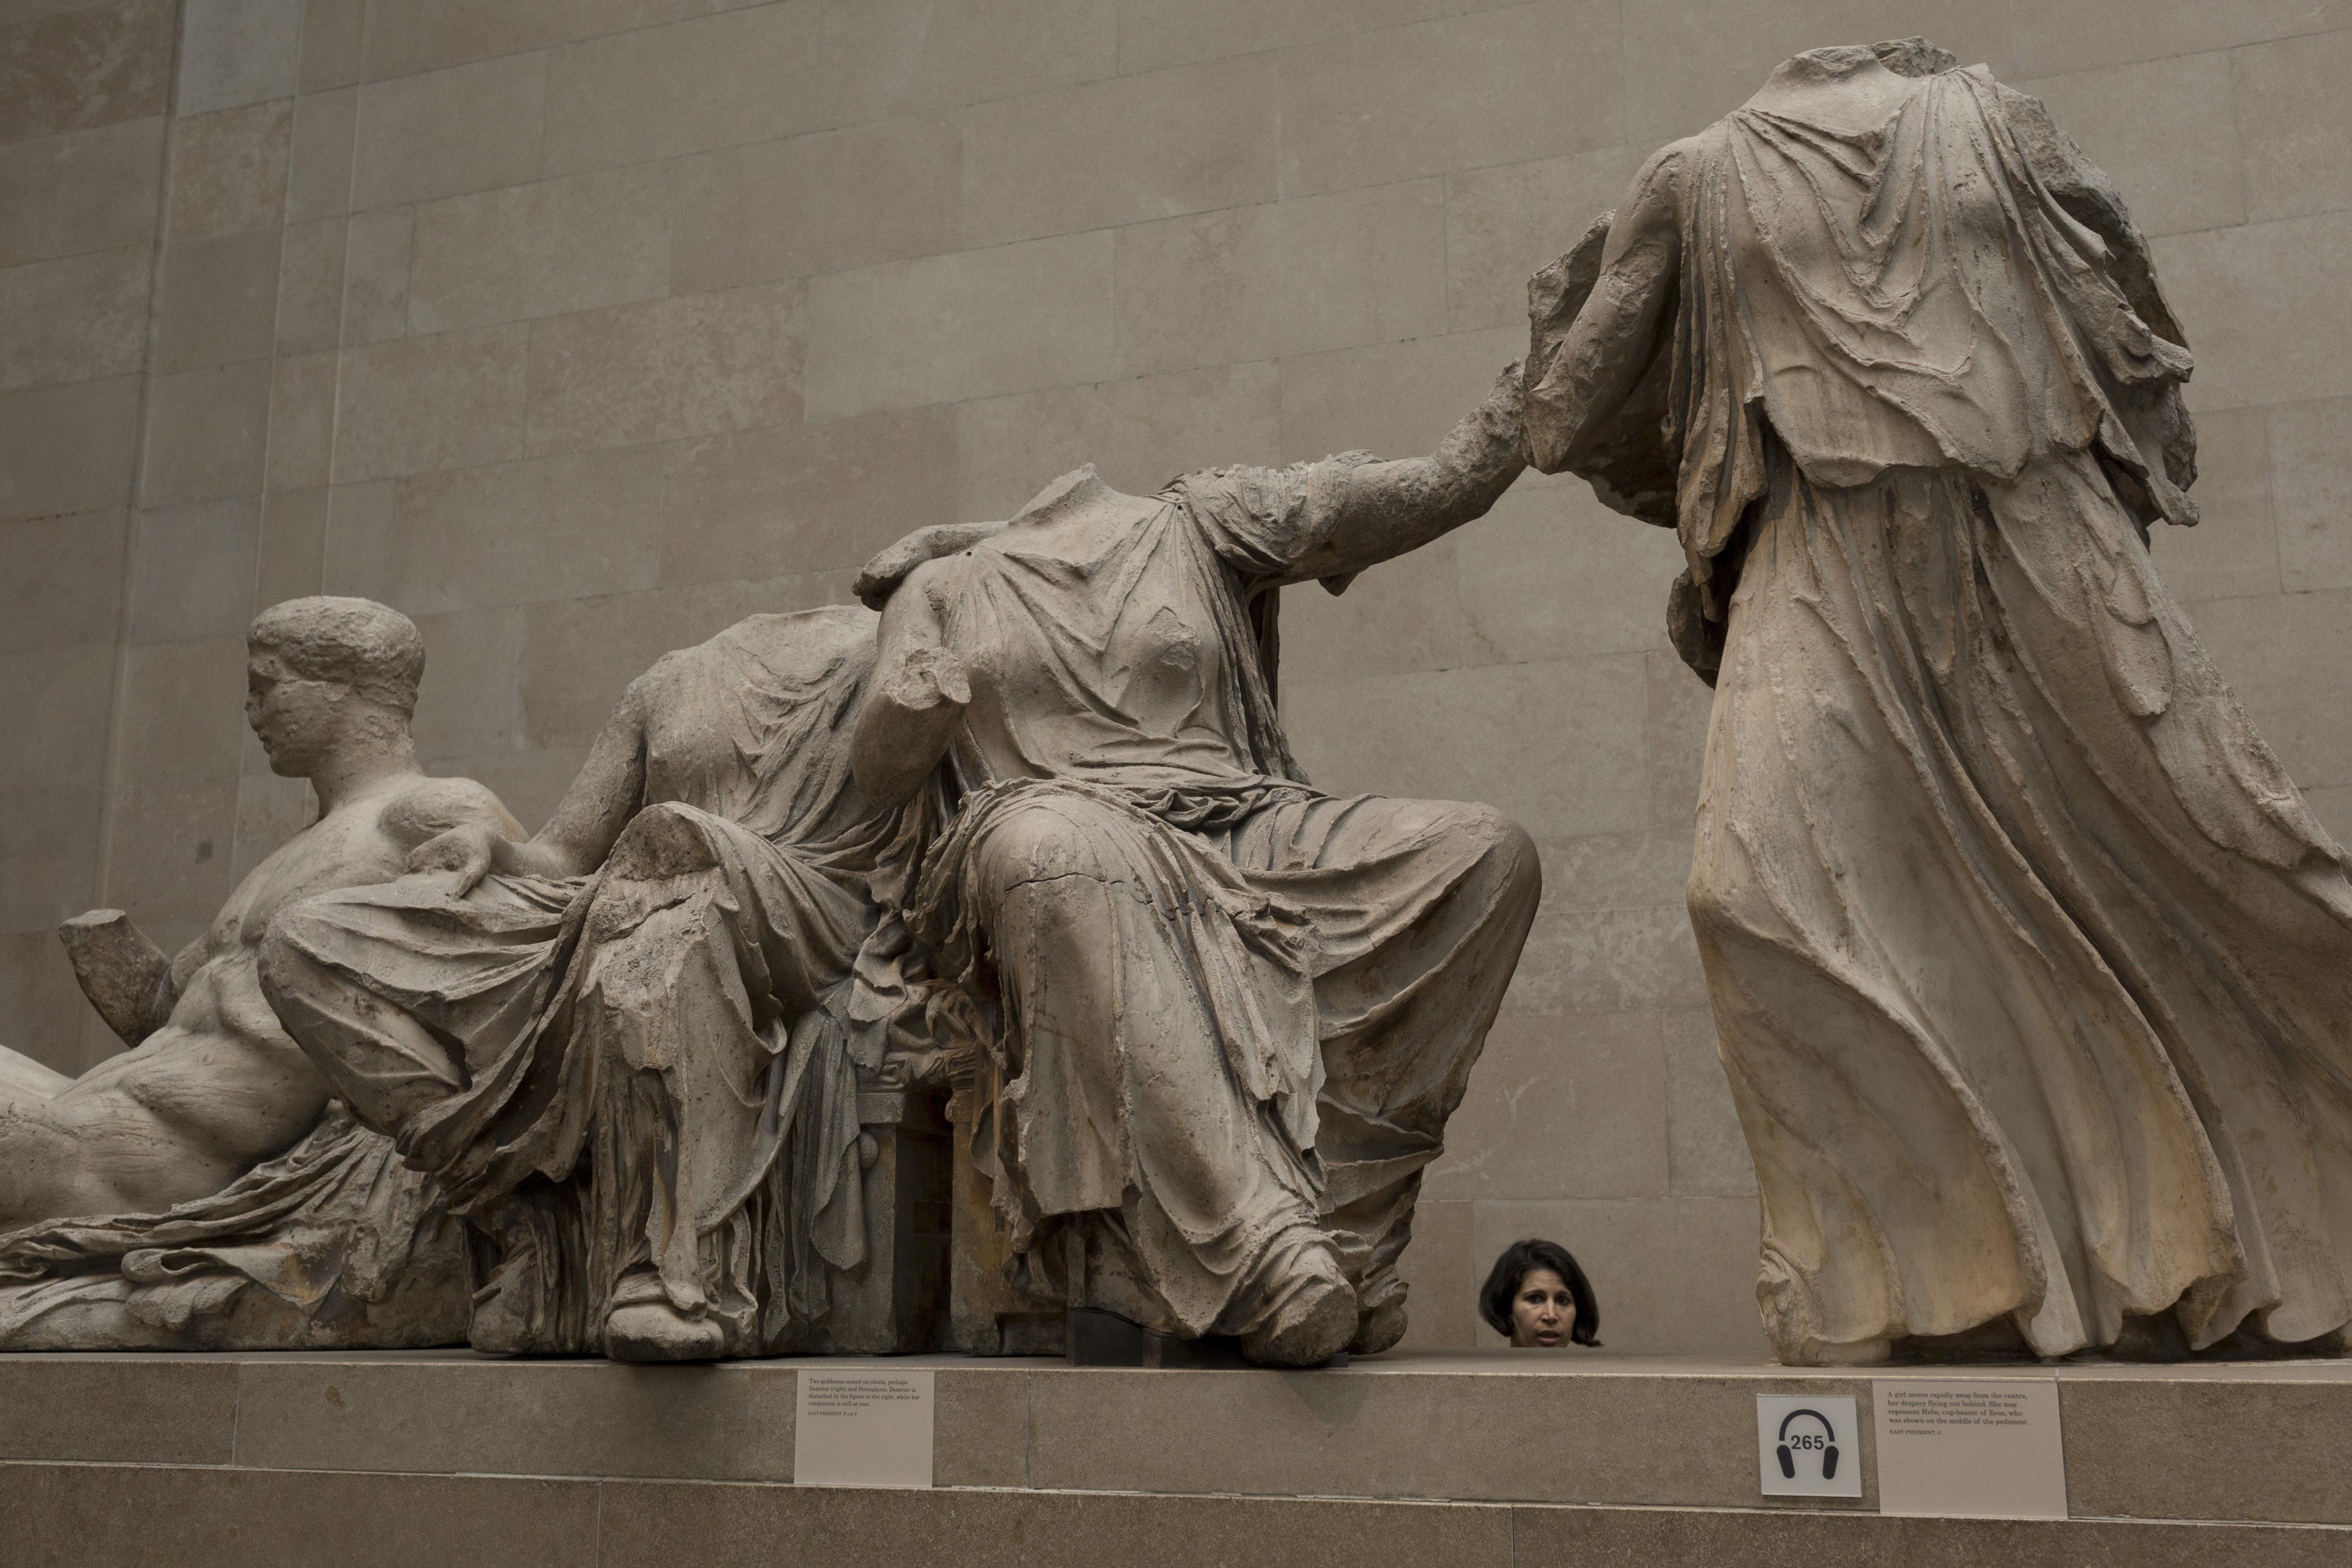 Διεθνής Ημερίδα για την «Επανένωση των Γλυπτών του Παρθενώνα» στο Μουσείο